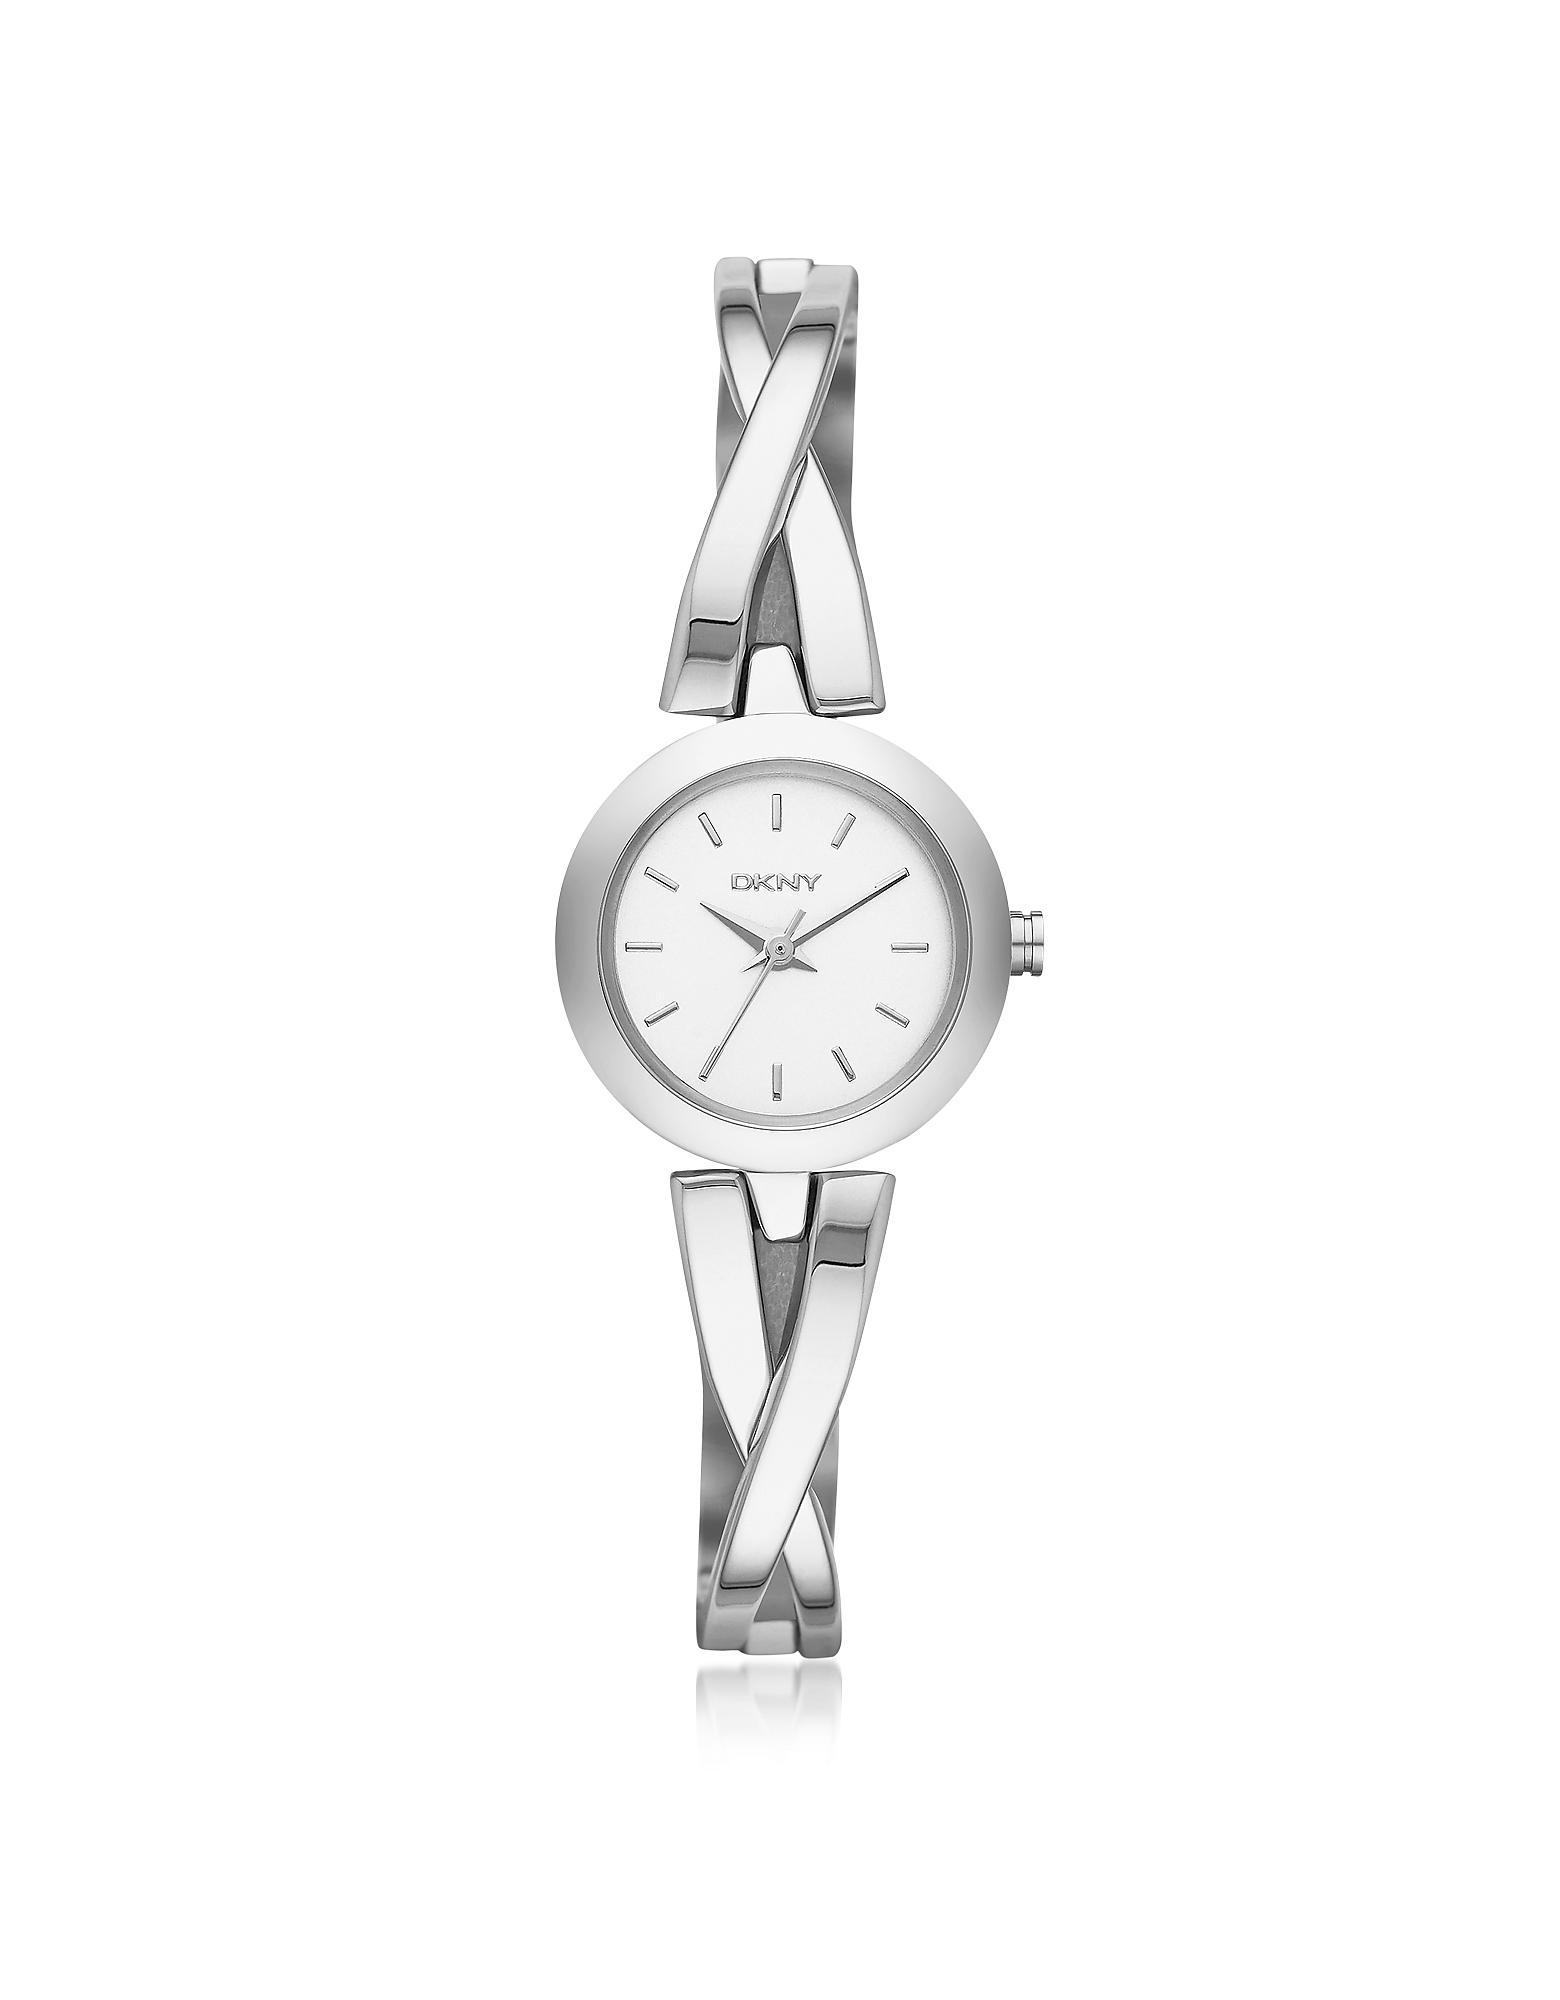 Crosswalk - Серебристые Женские Часы из Нержавеющей Стали с Круглым Циферблатом